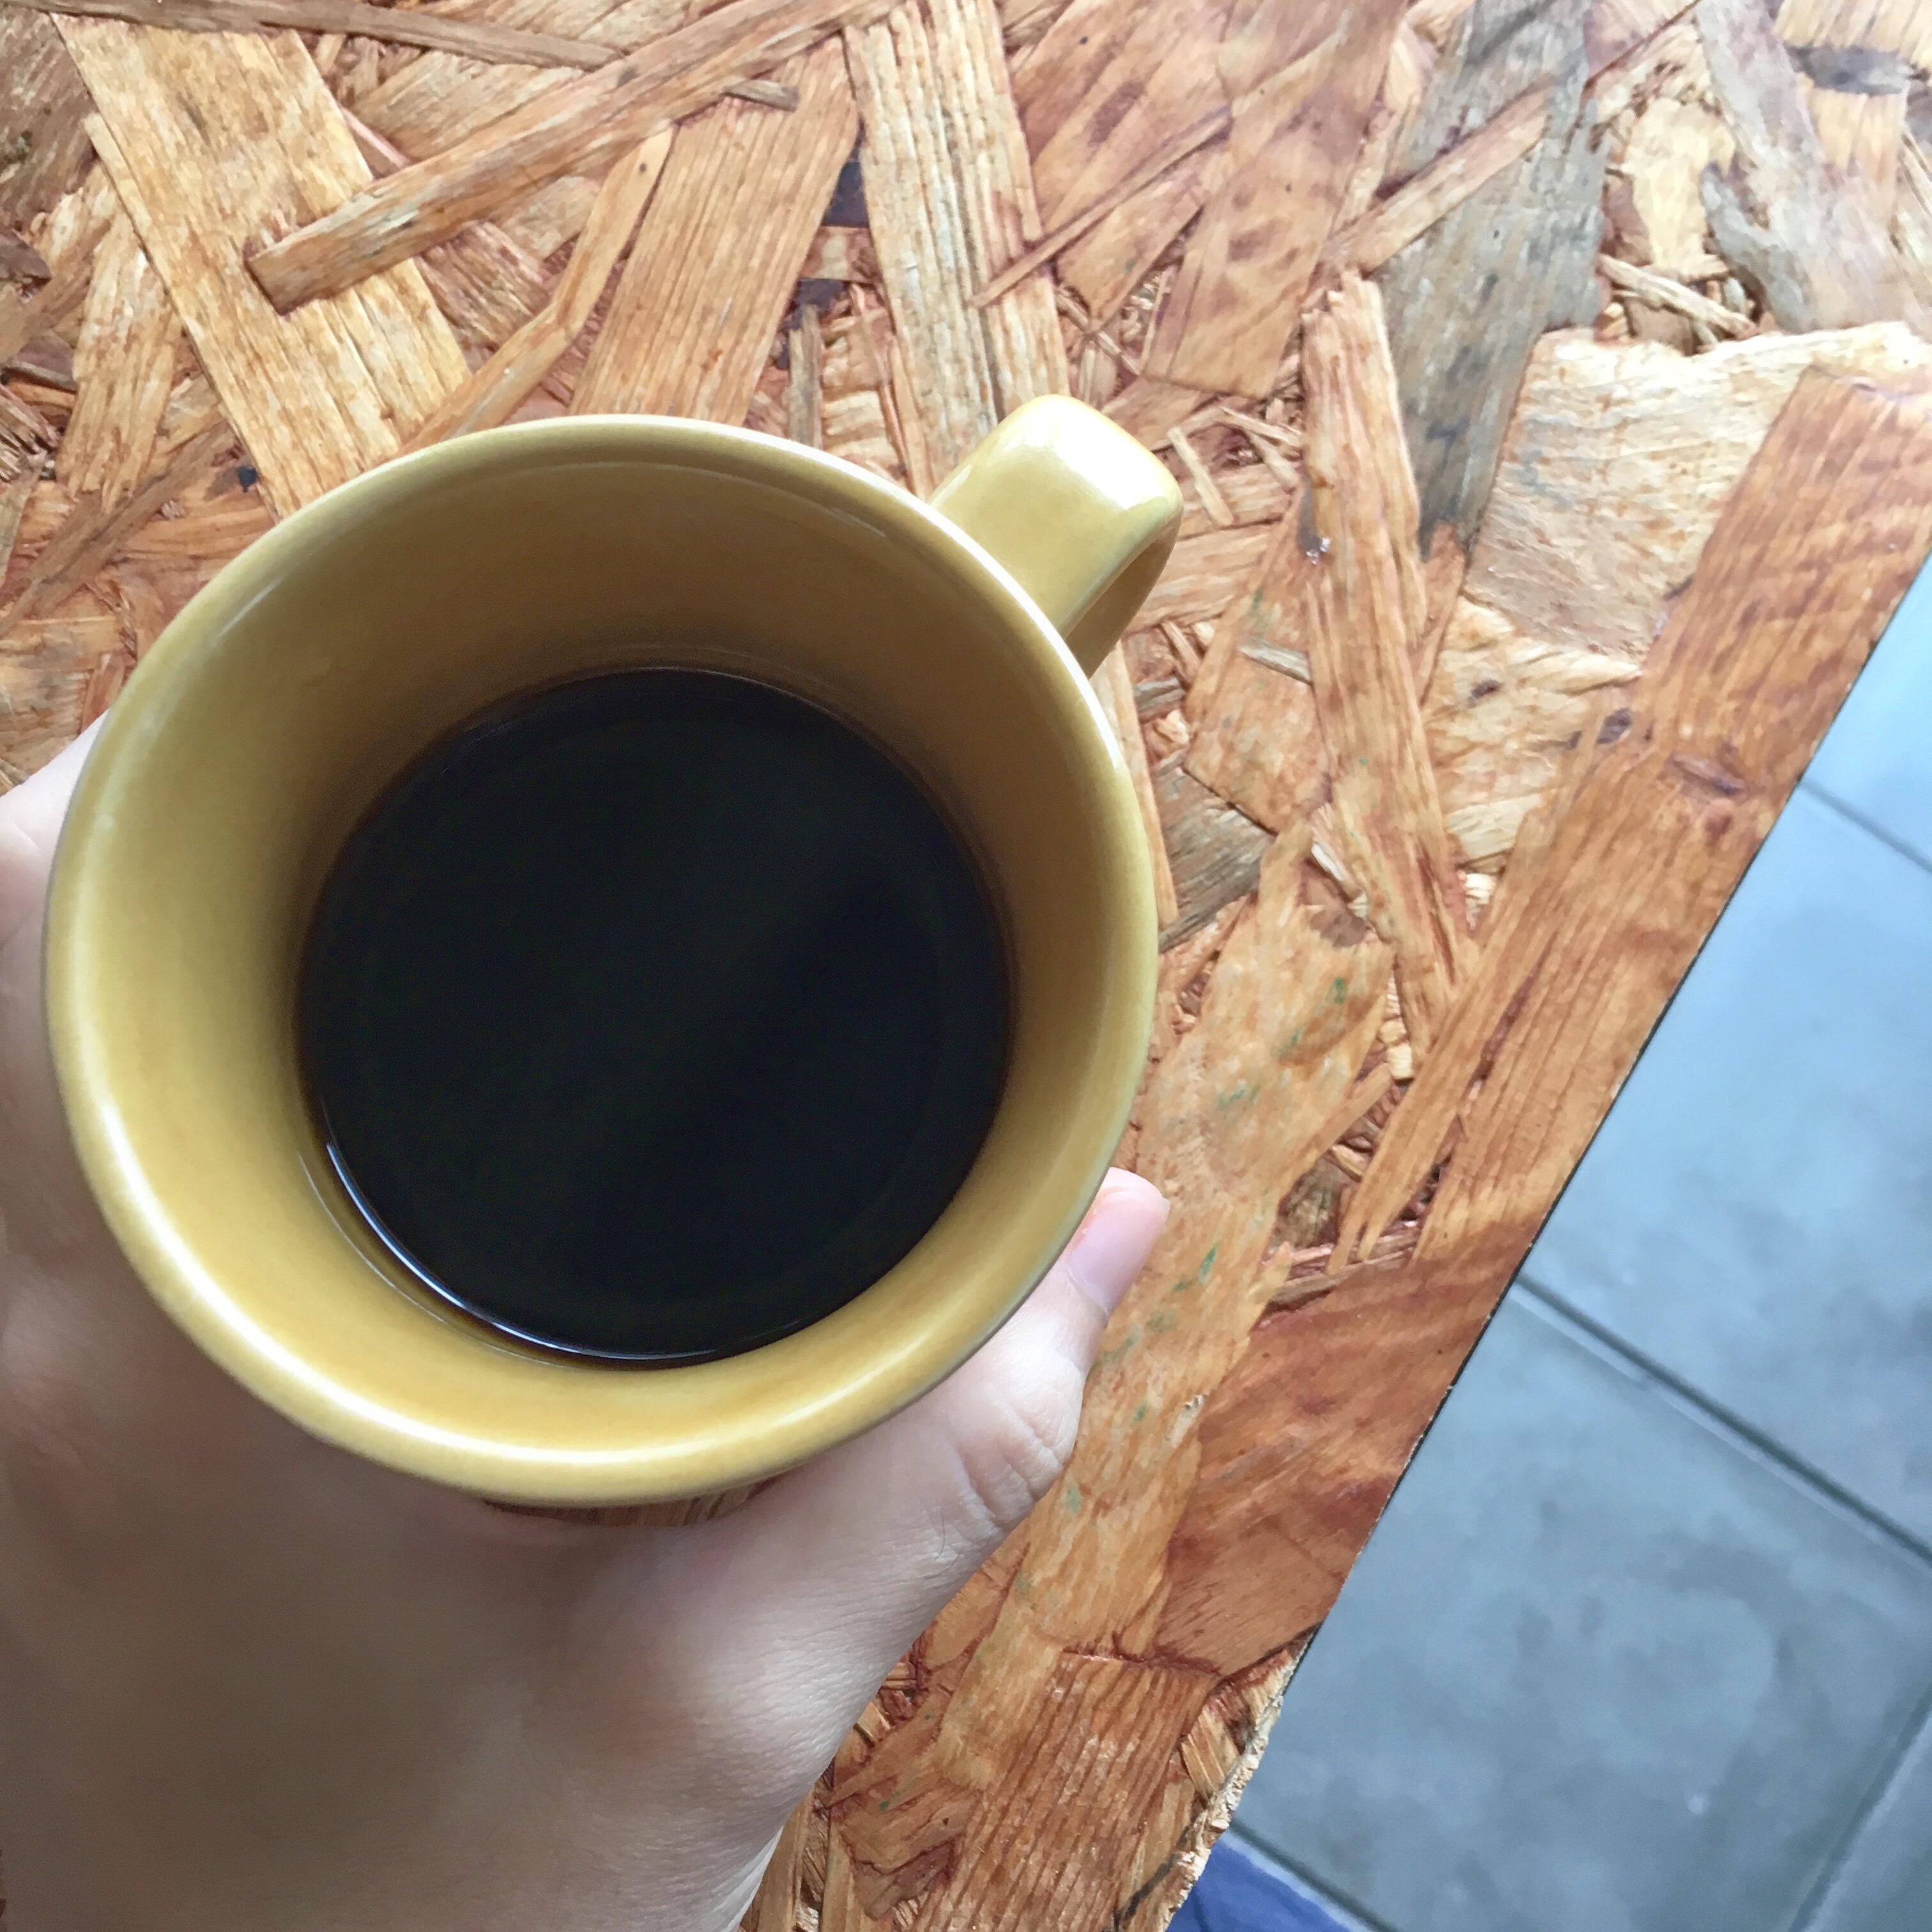 コーヒーと焼き菓子と人間と。本質はきっと同じ。